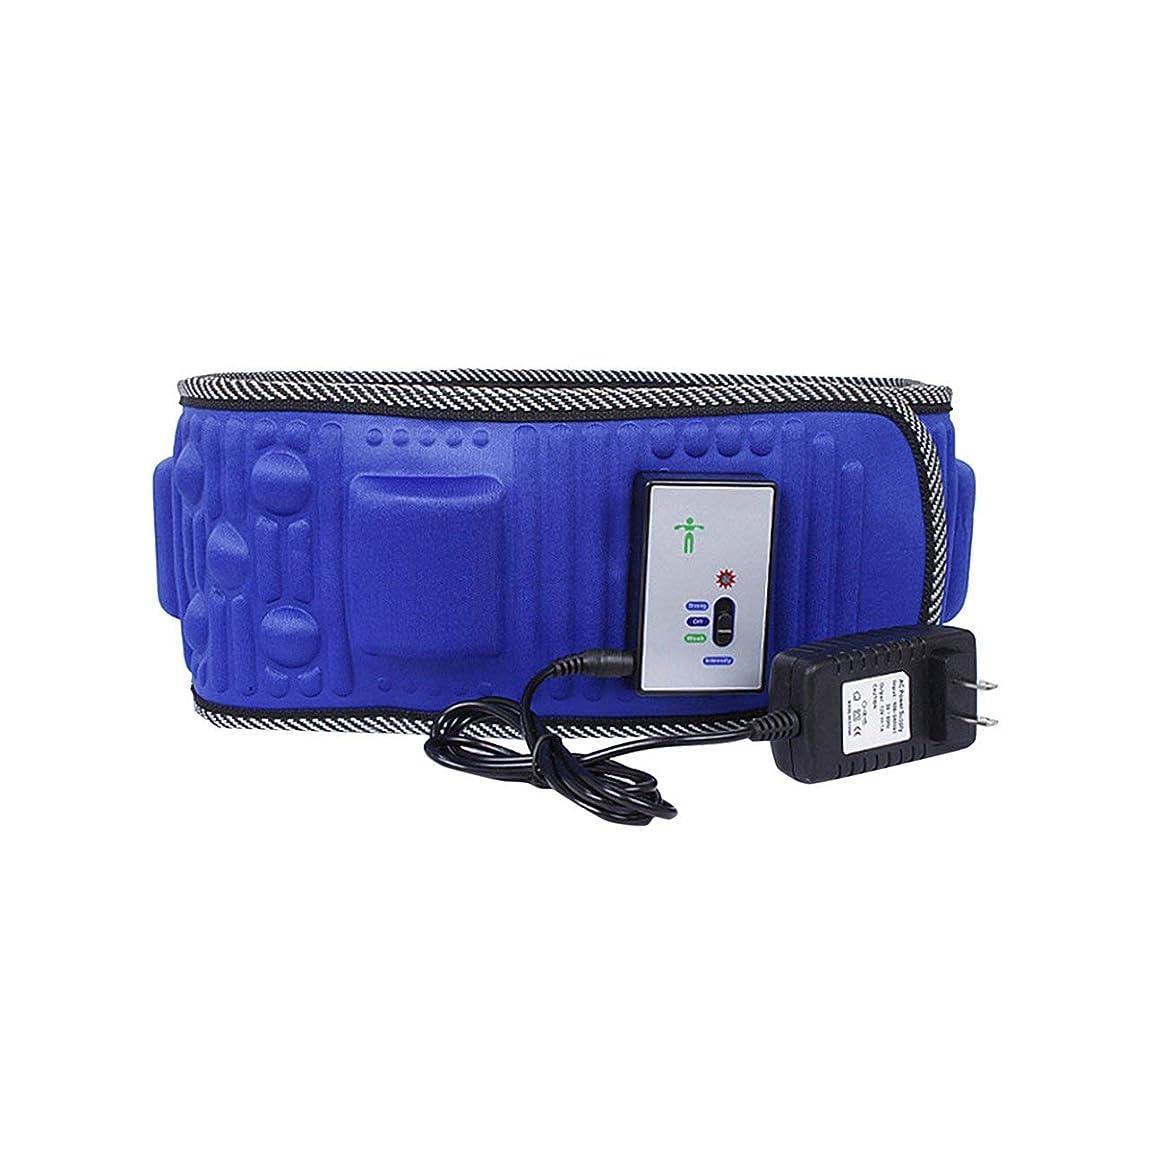 悲惨な小康デコラティブDeeploveUU デバイス振動脂肪燃焼アーティファクトを細くする携帯用電気フィットネス振動痩身ベルト振動機